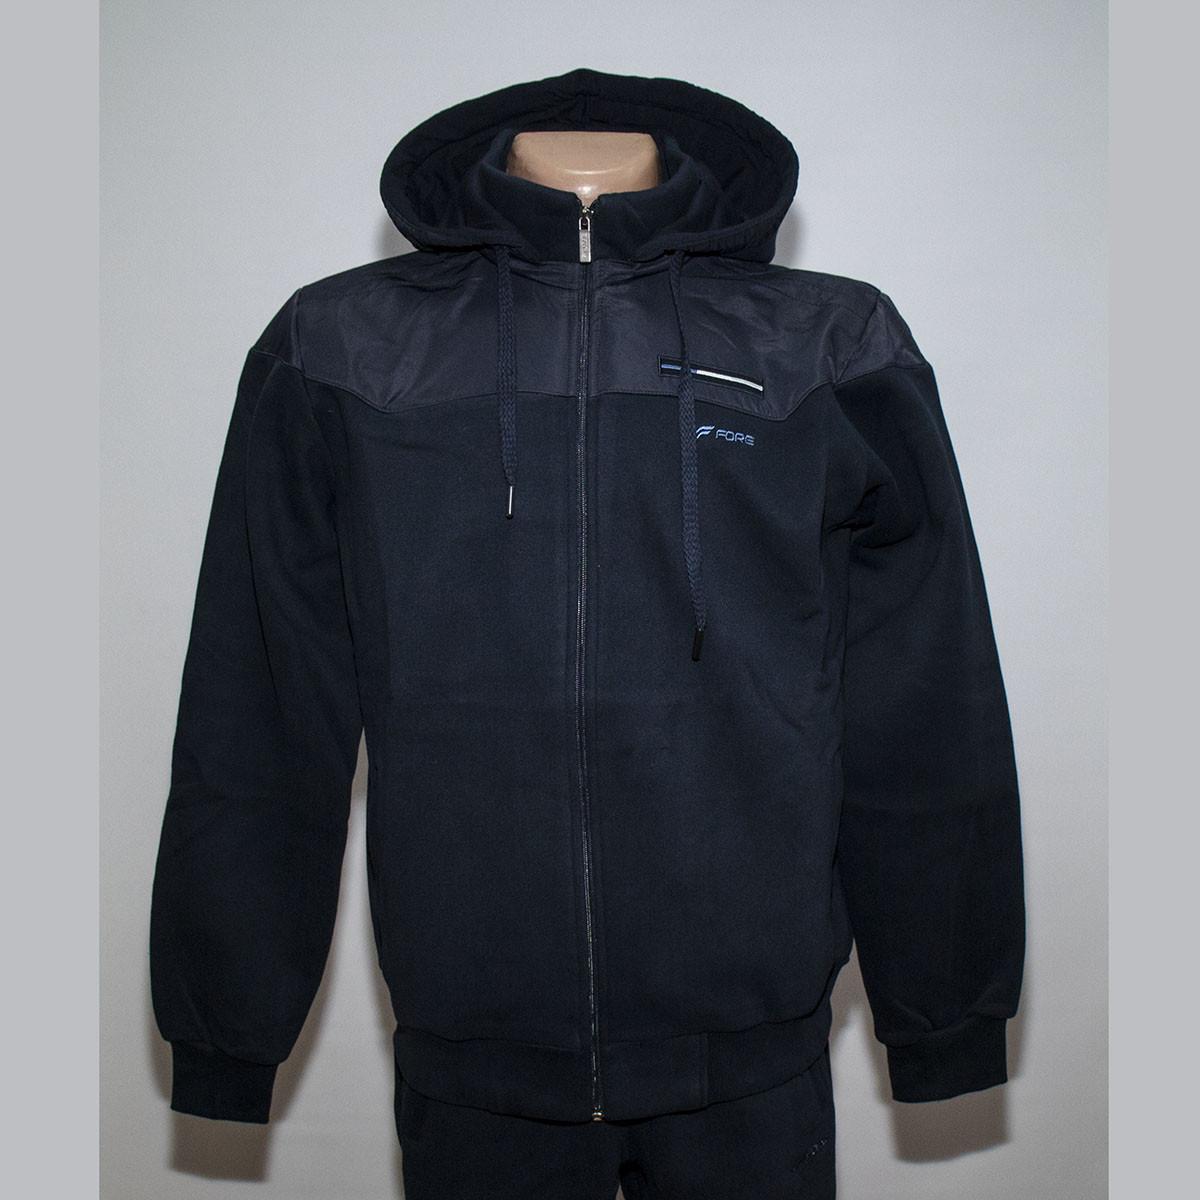 34b7b370e1ec Теплый полубатальный мужской спортивный костюм с капюшоном трехнитка т.м.  Fore 5328g